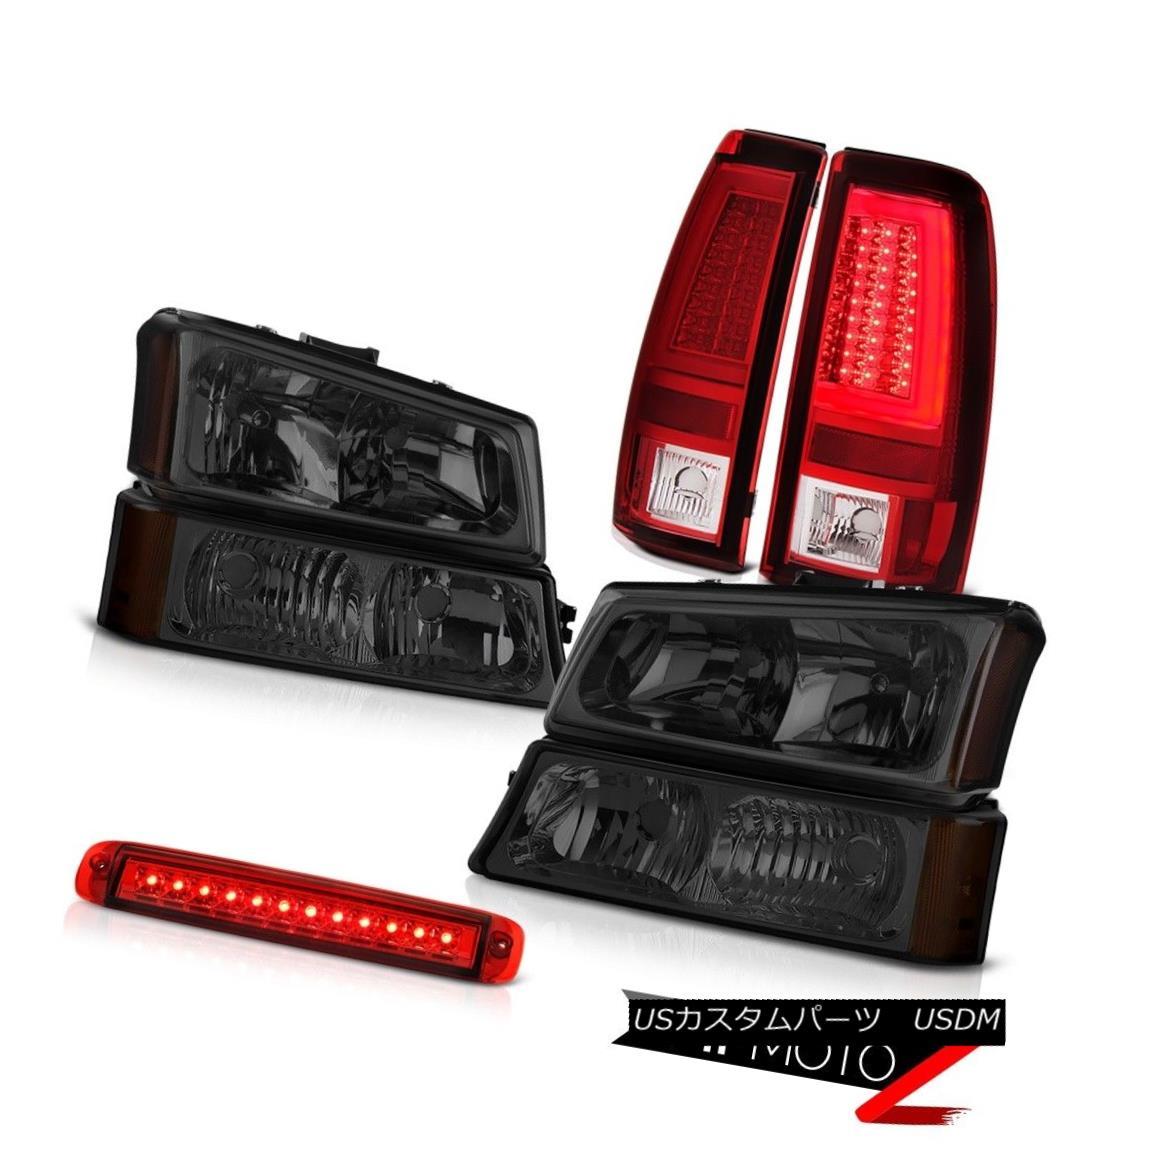 ヘッドライト 03-06 Chevy Silverado Taillights High Stop Light Signal Headlamps